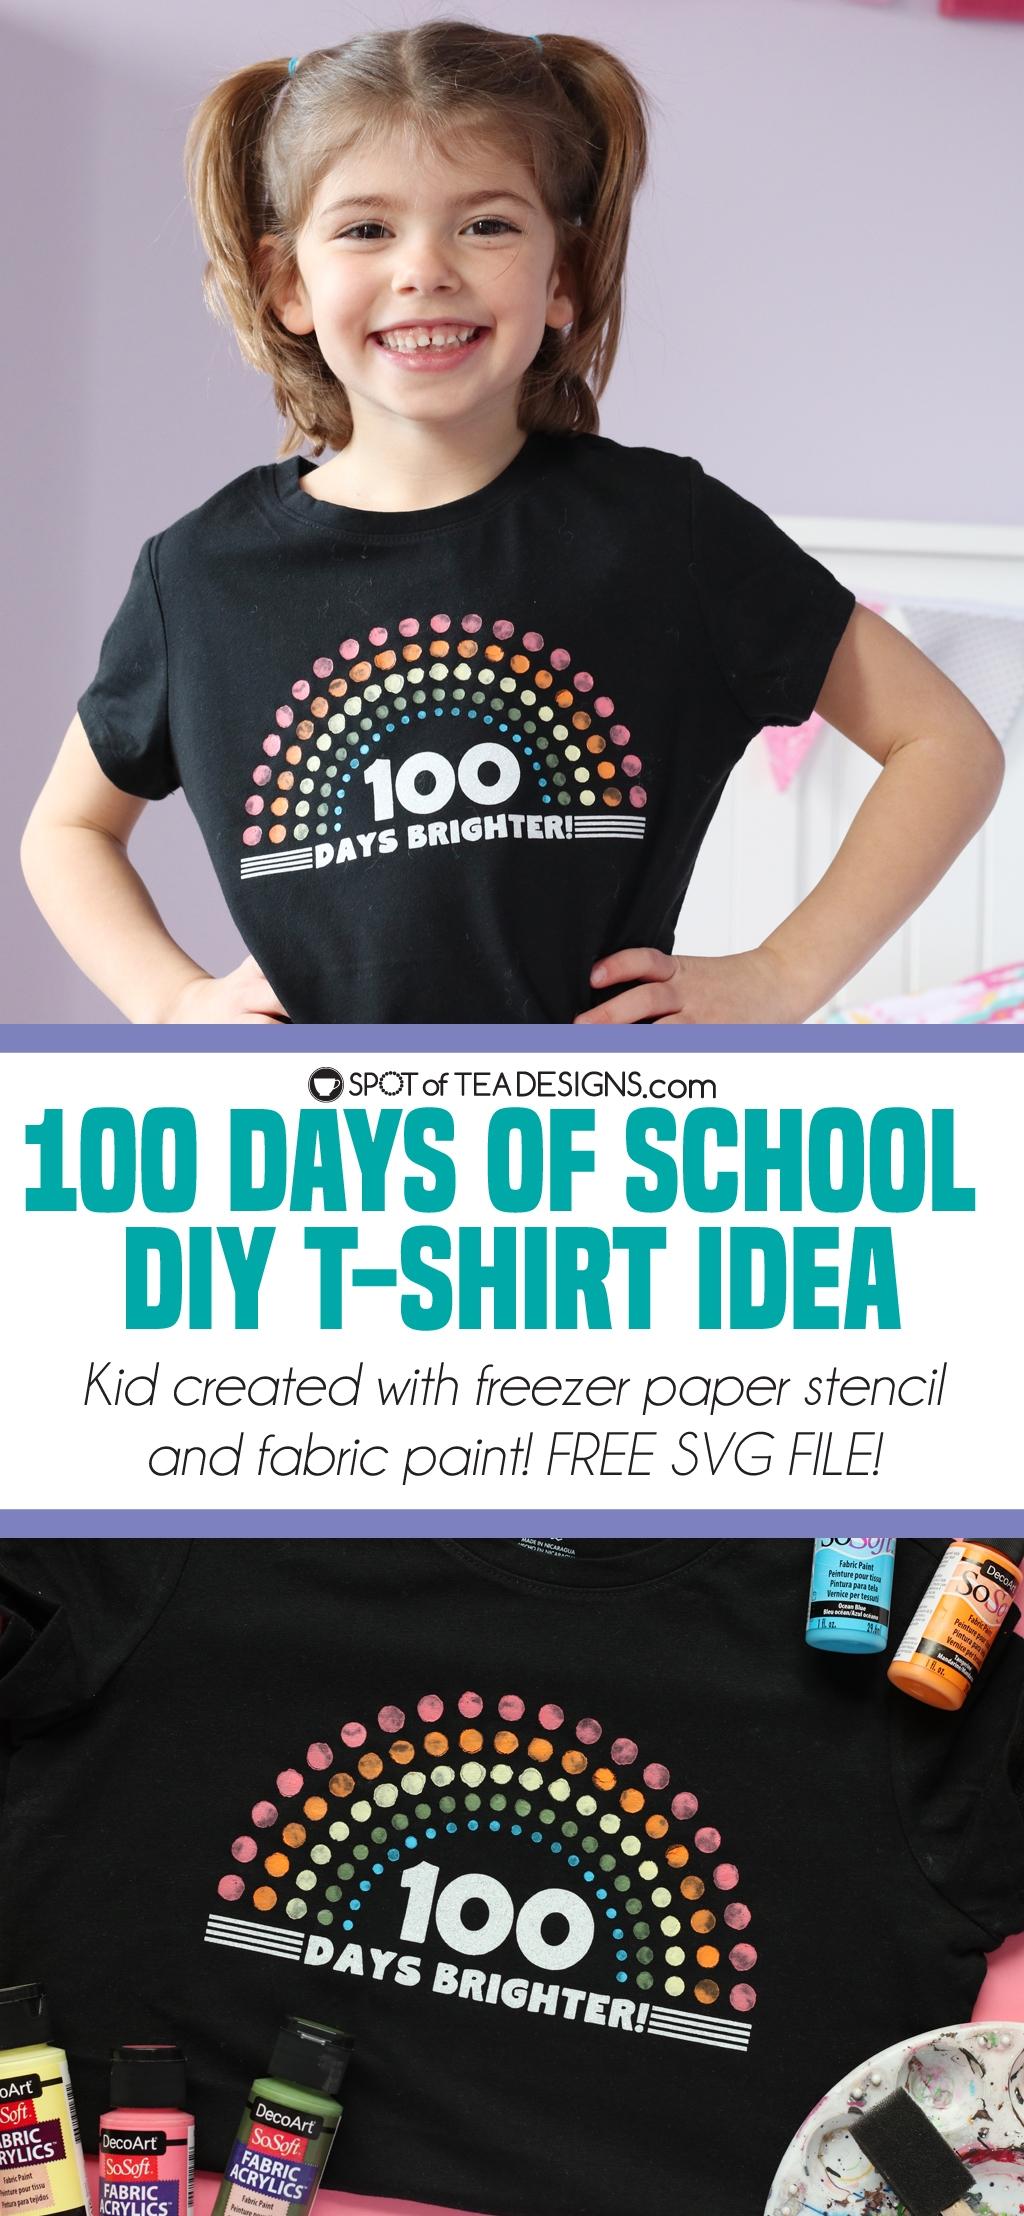 medium resolution of 100 Days of School T-shirt   100 Days Brighter   Spot of Tea Designs